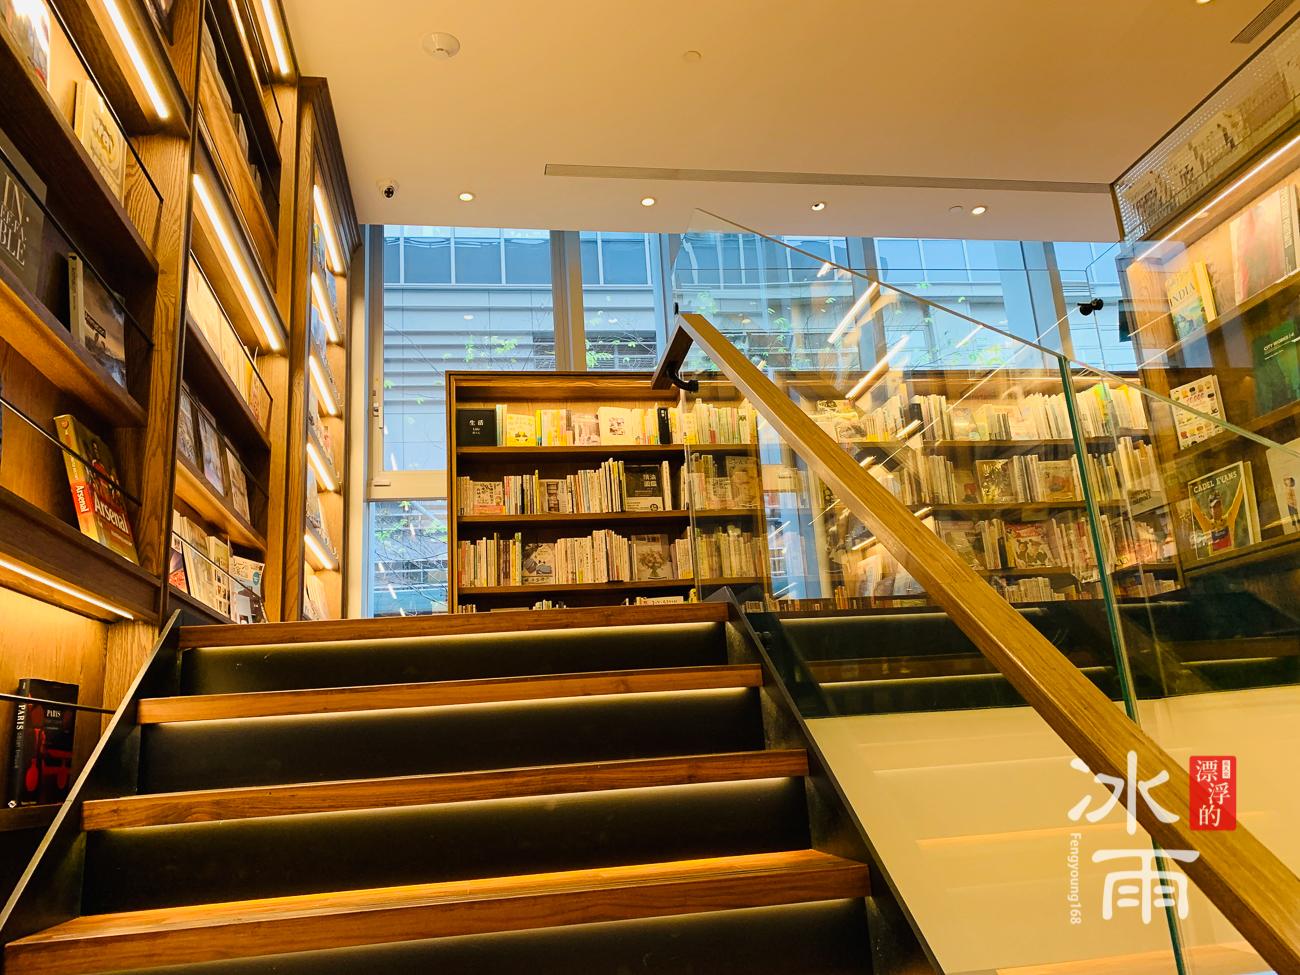 蔦屋書店松山店往二樓的階梯